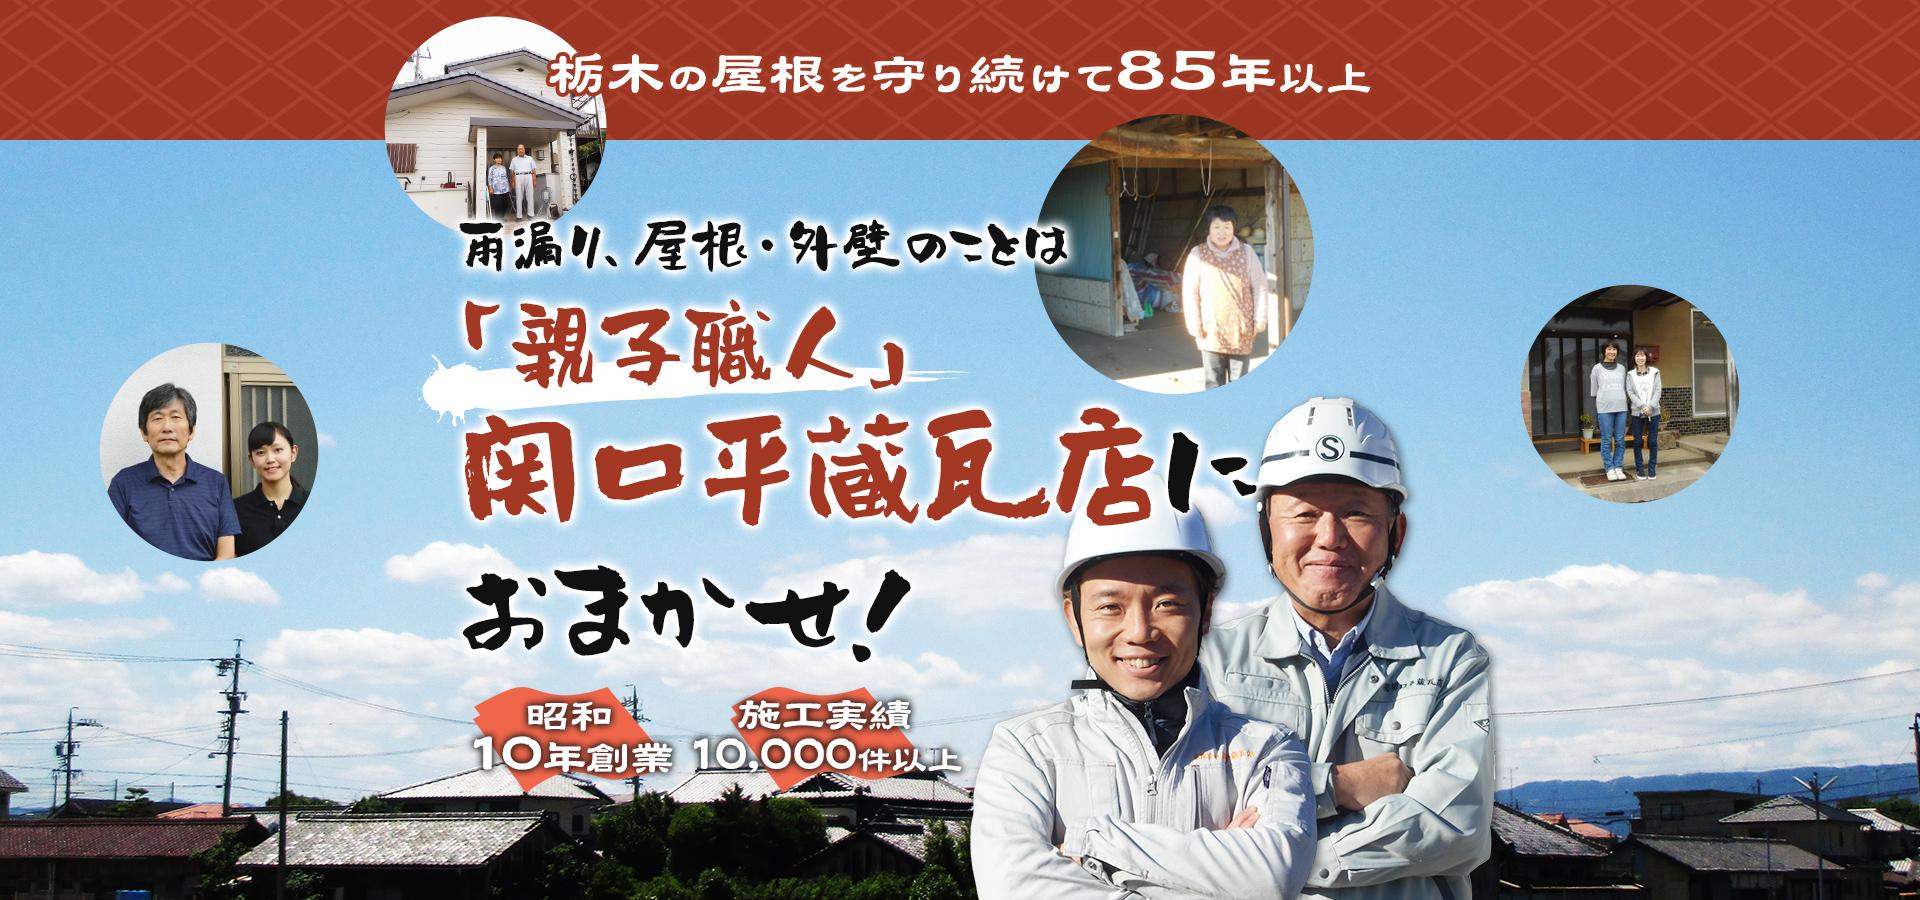 栃木の屋根を守り続けて80年以上、雨漏り、屋根・外壁のことは「親子職人」関口平蔵瓦店におまかせ!